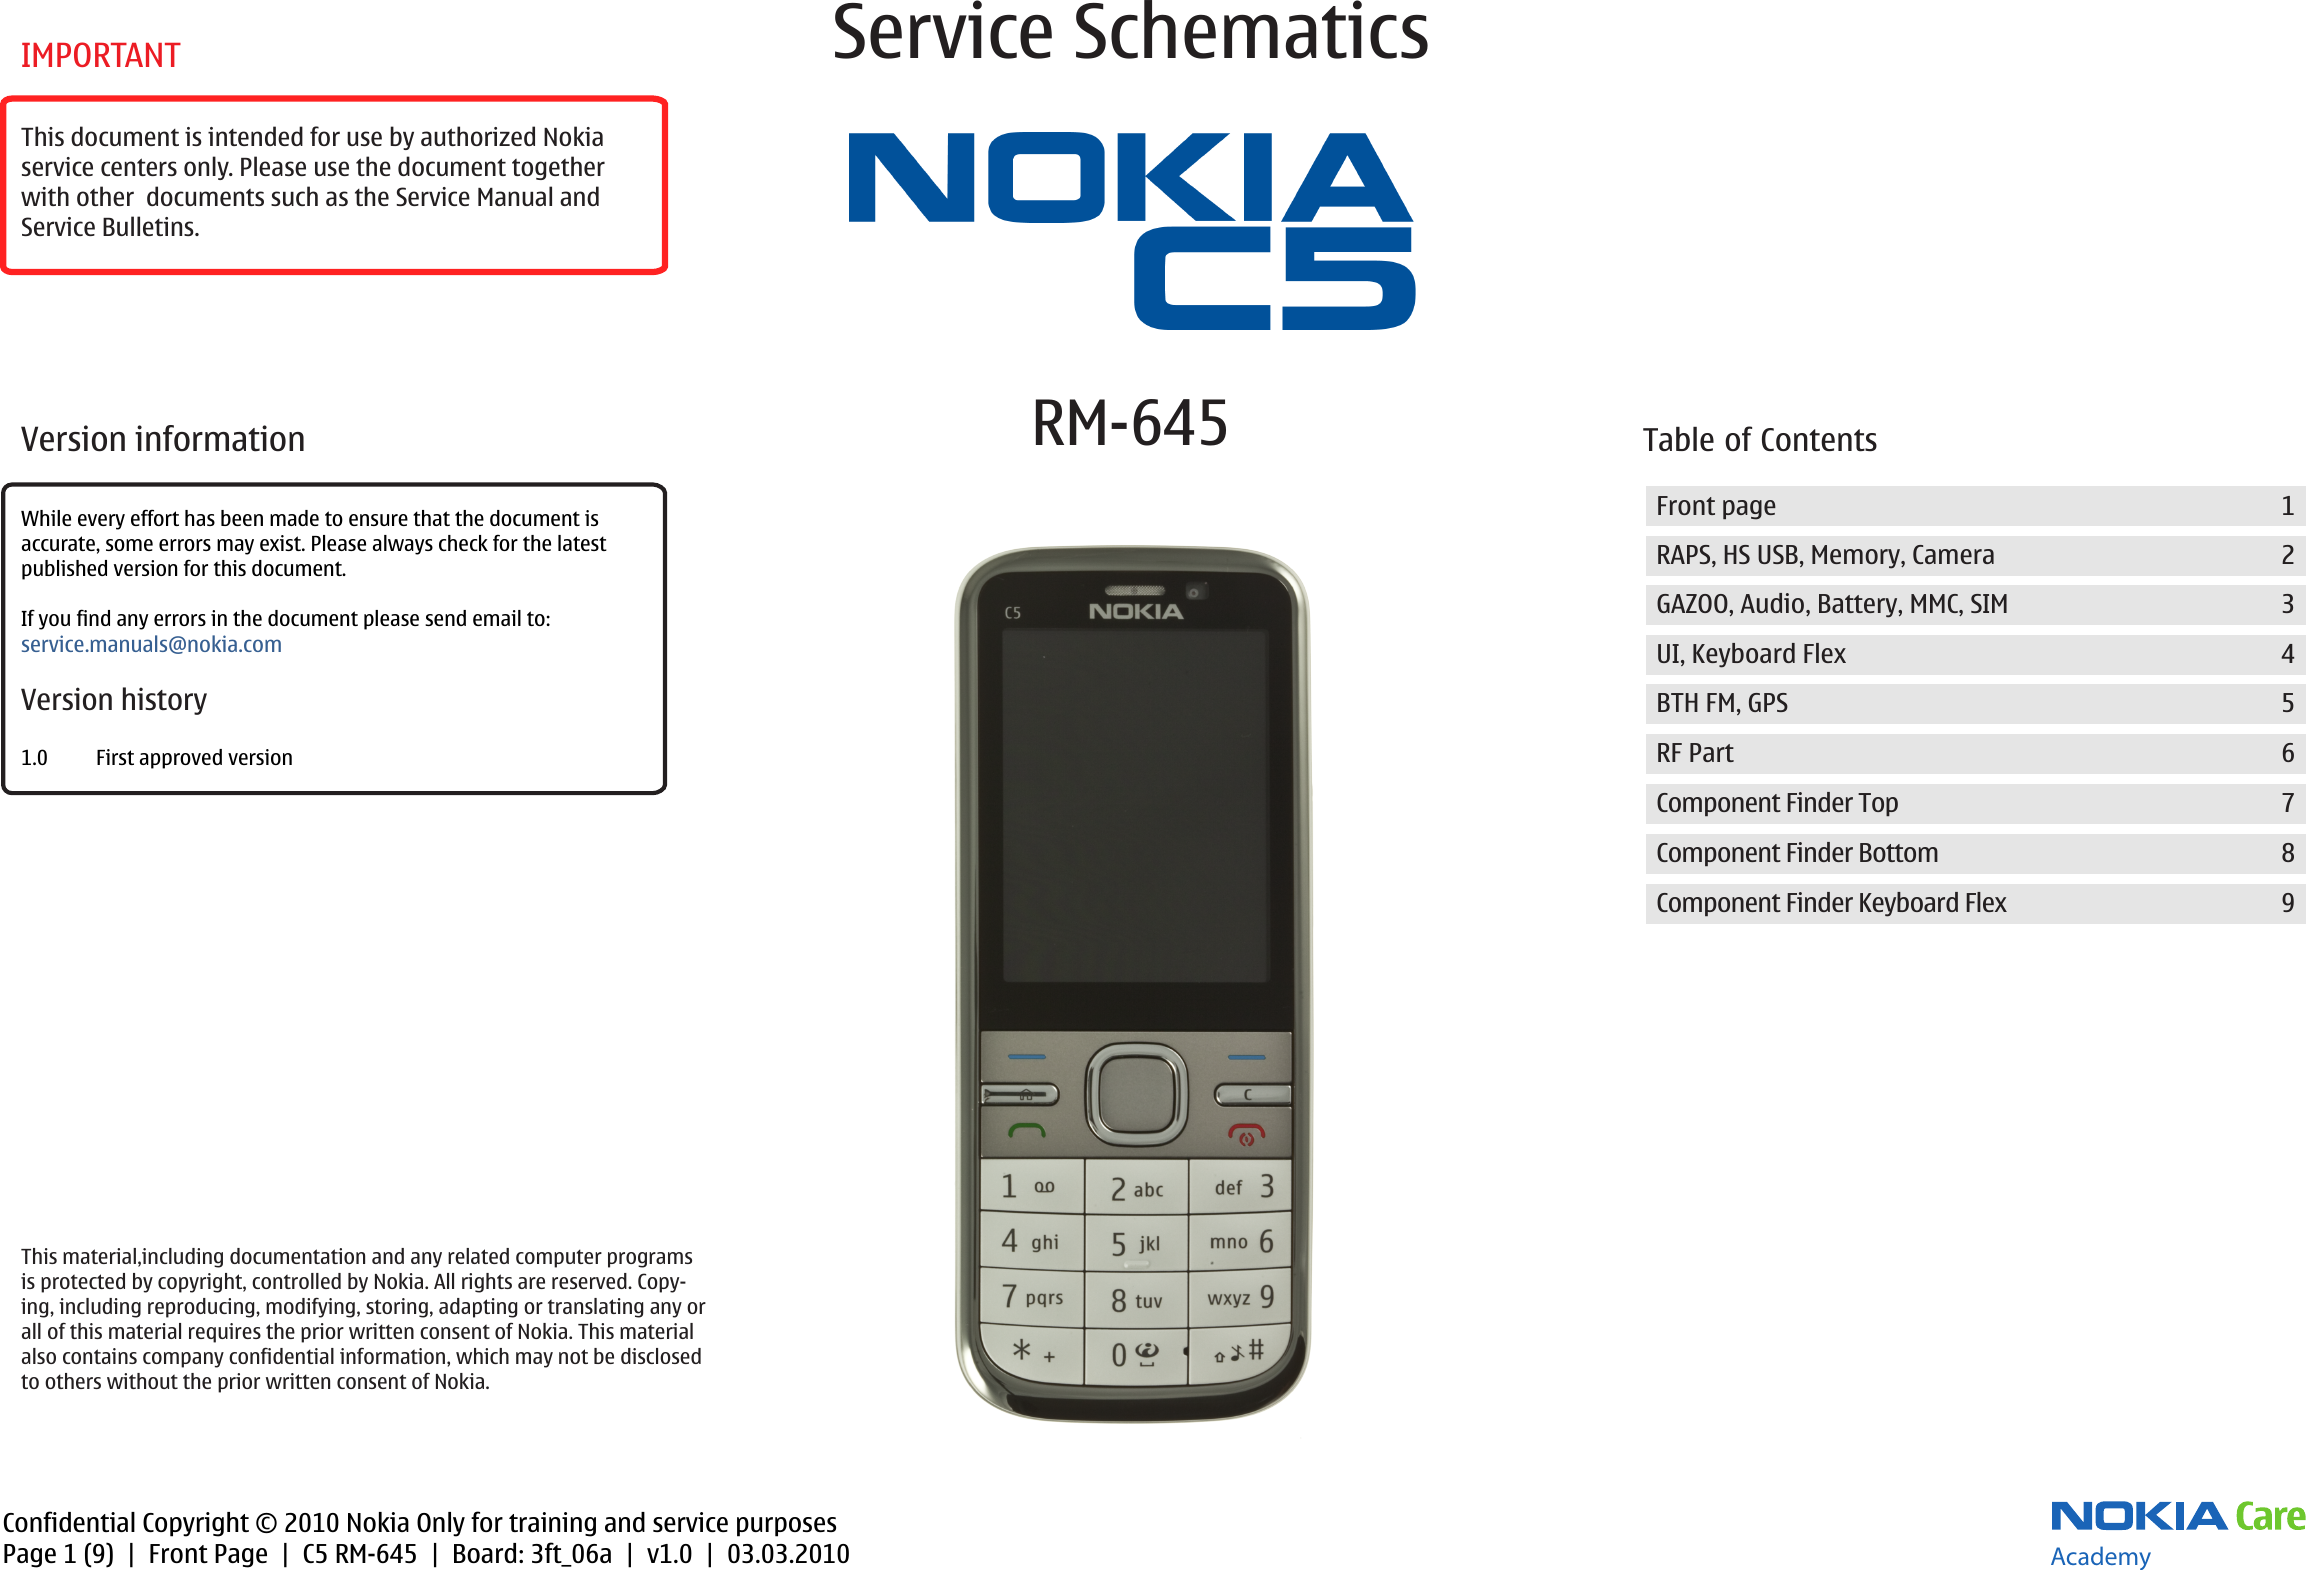 nokia c5 00 rm 645 service schematics www s manuals com schematics rh usermanual wiki nokia c5-00 manuale Nokia C2-00